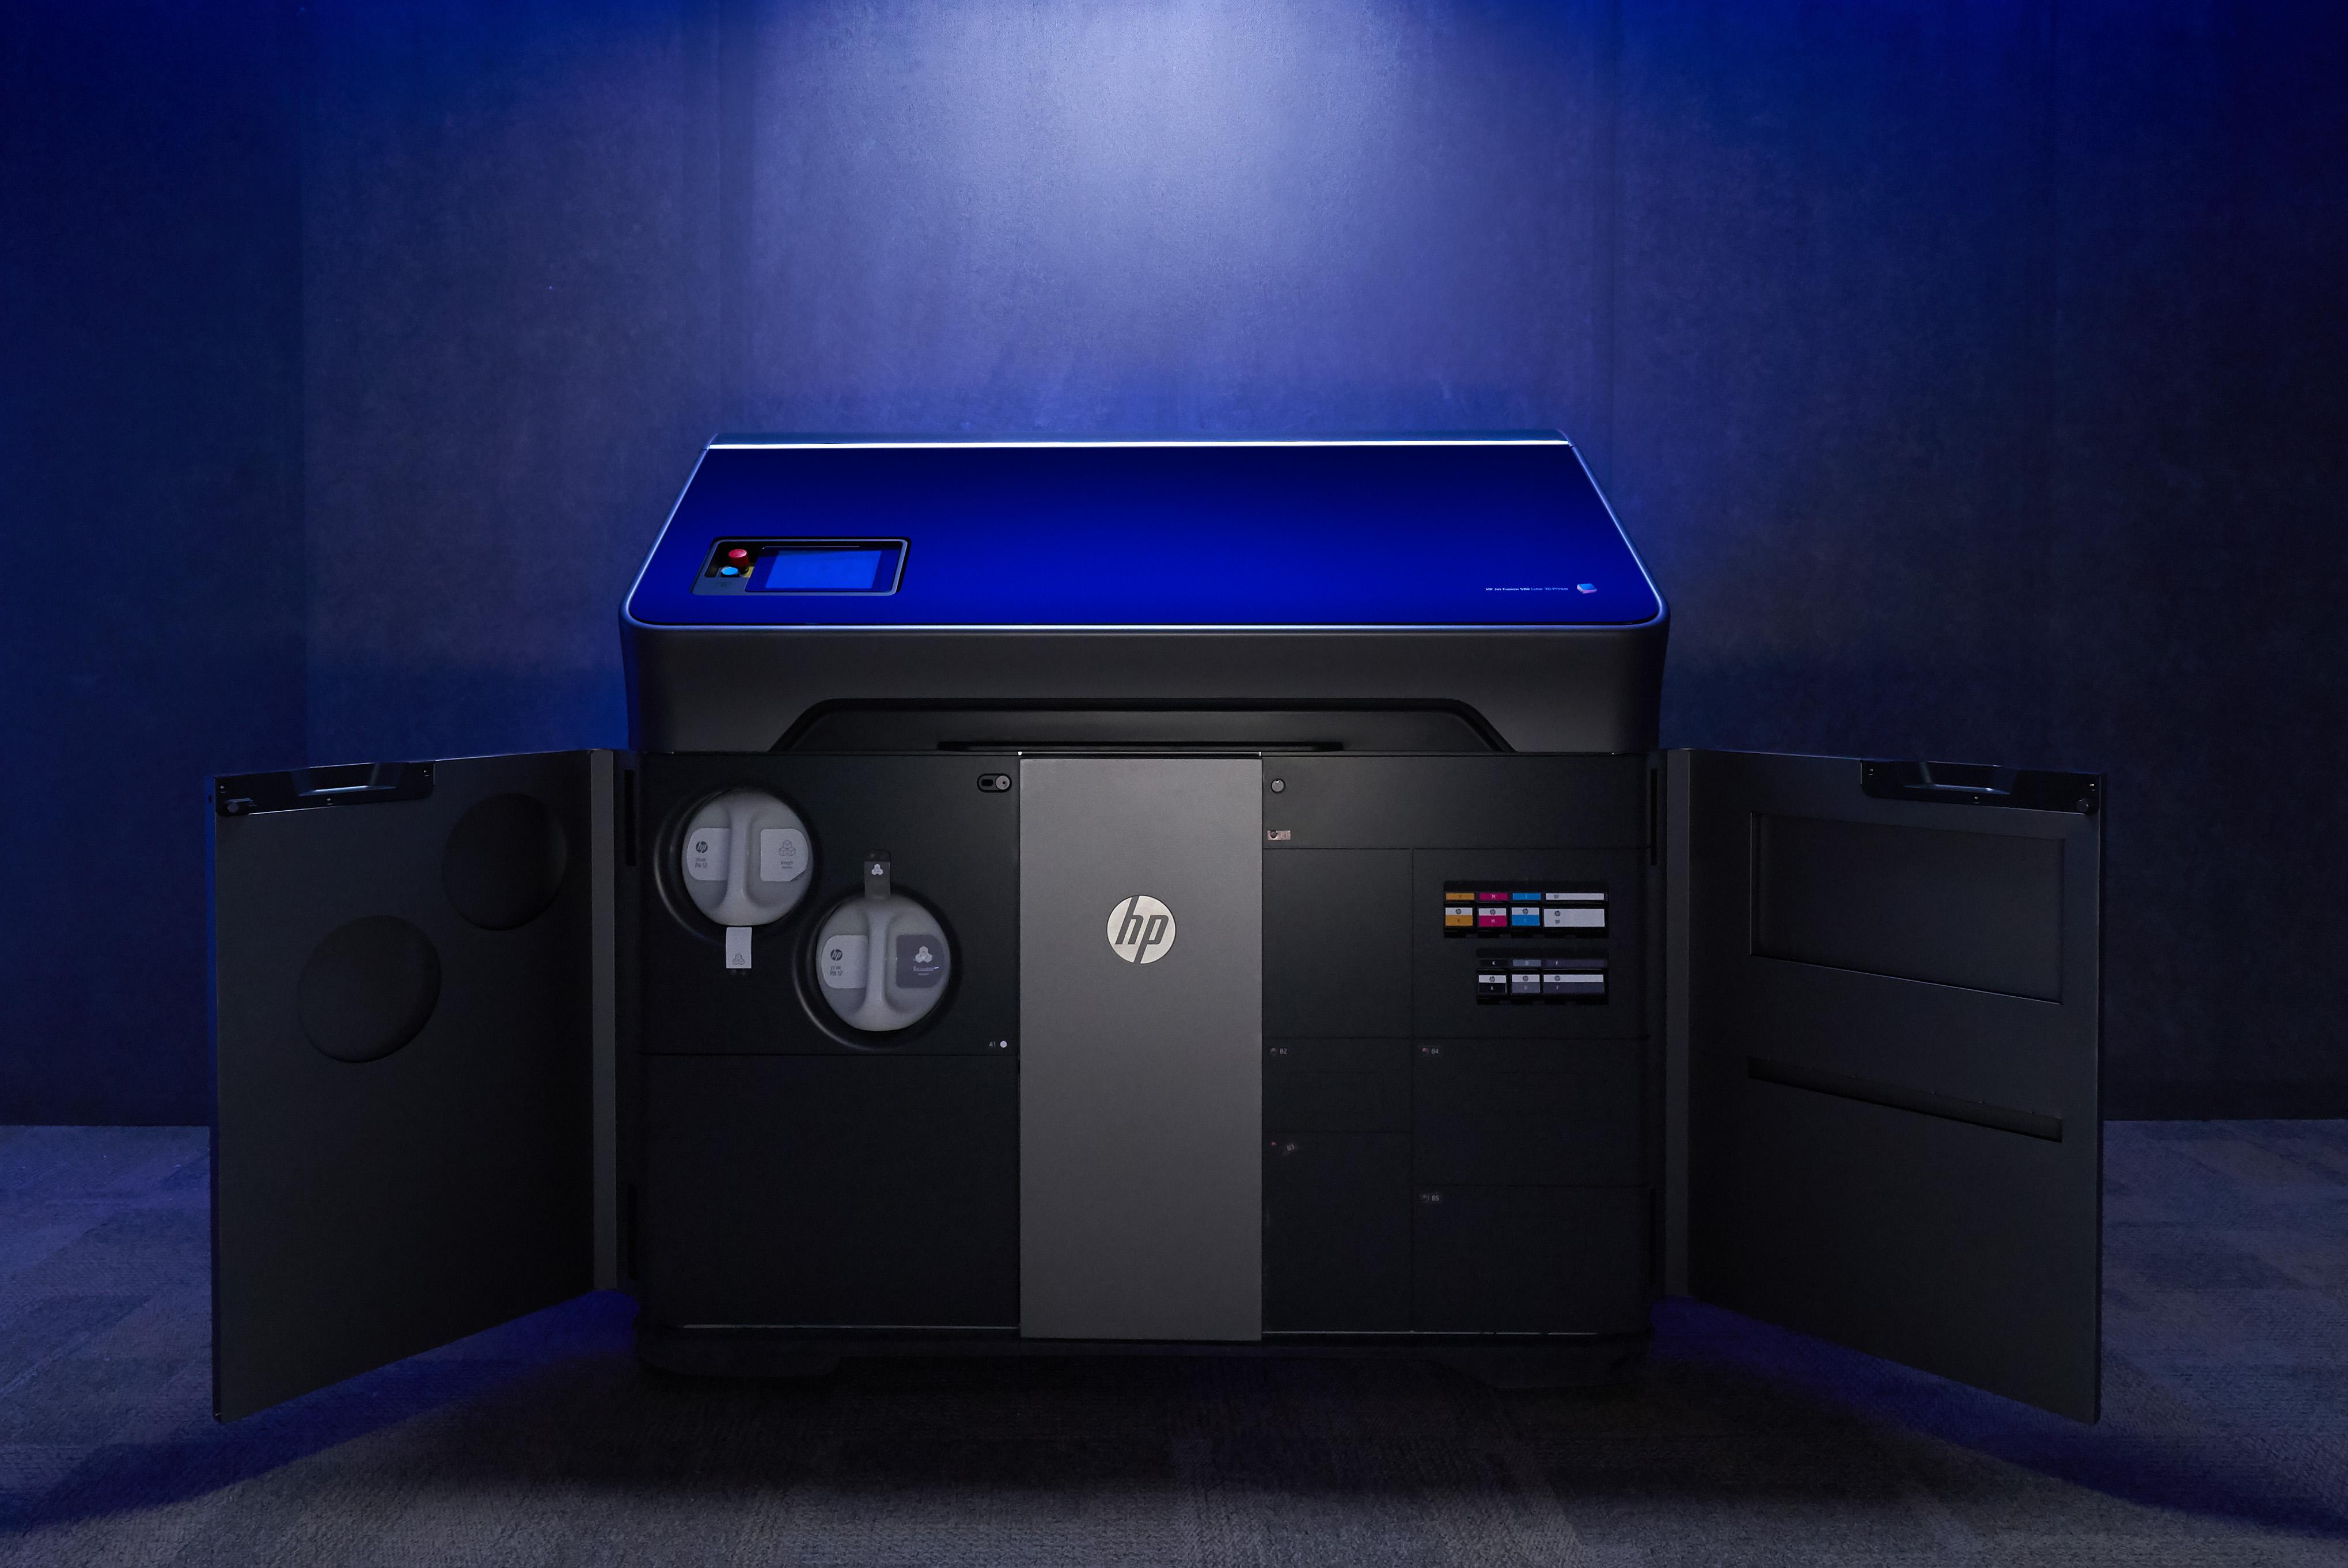 HP Jet Fusion 300 500 3D Printer 3d drucker - HP stellt 3D-Farbdrucker vor: Jet Fusion 300 und 500 Serie